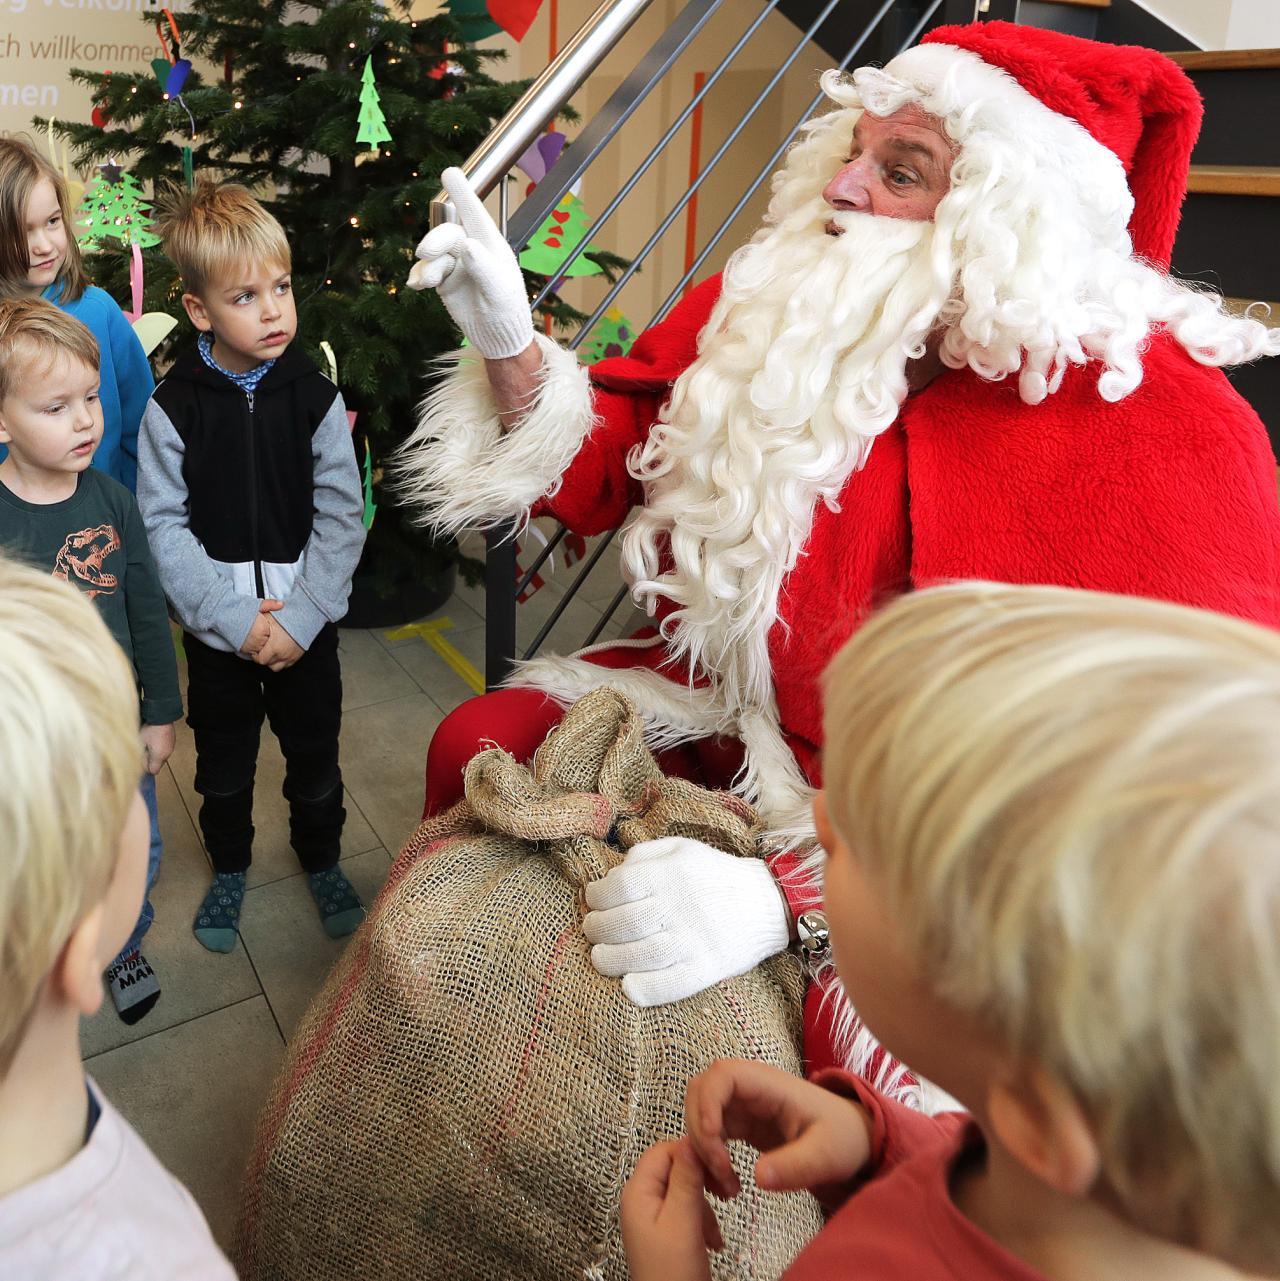 Harrislee Und Flensburg: Wenn Kinder Mit Dem Weihnachtsmann über Weihnachtsmann Kinder